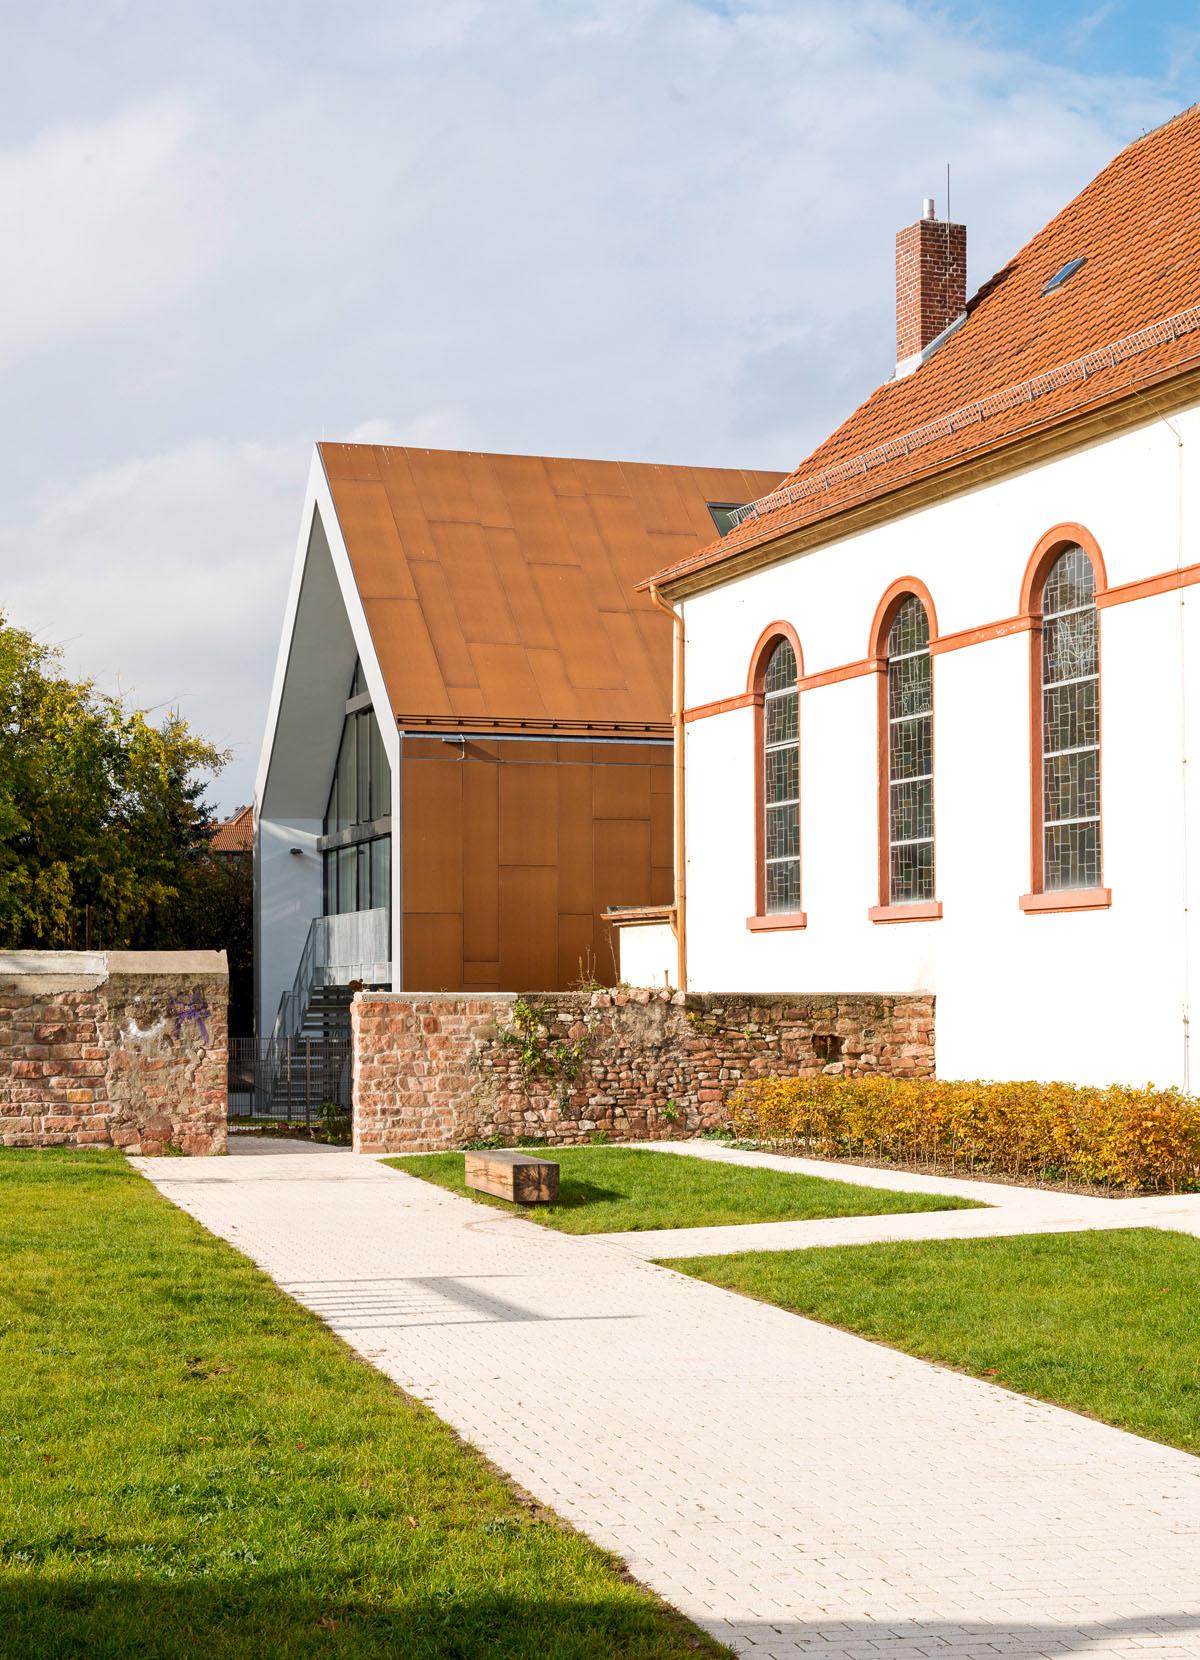 Bild des Gemeindehauses der Unionsgemeinde in Mannheim-Käfertal. Blick vom Park über die Umfassungsmauer auf das Gemeindehaus, das hinter der Kirche hervorschaut.